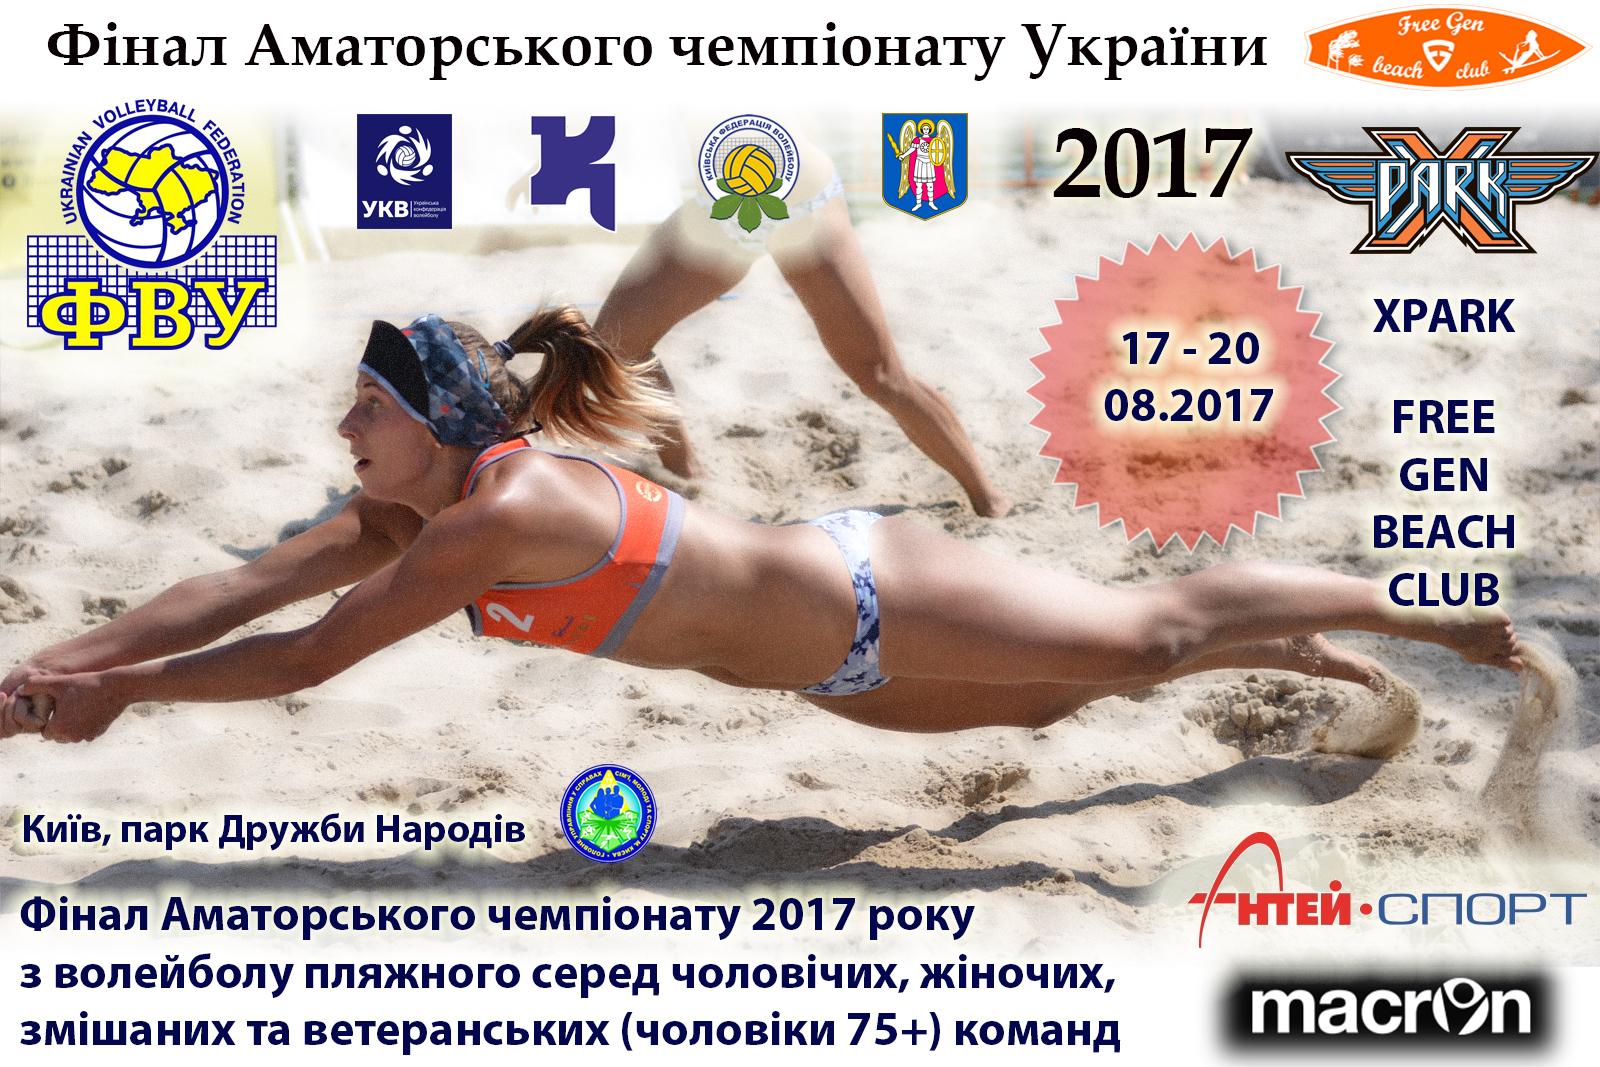 Фінал Аматорського чемпіонату 2017 року з волейболу пляжного